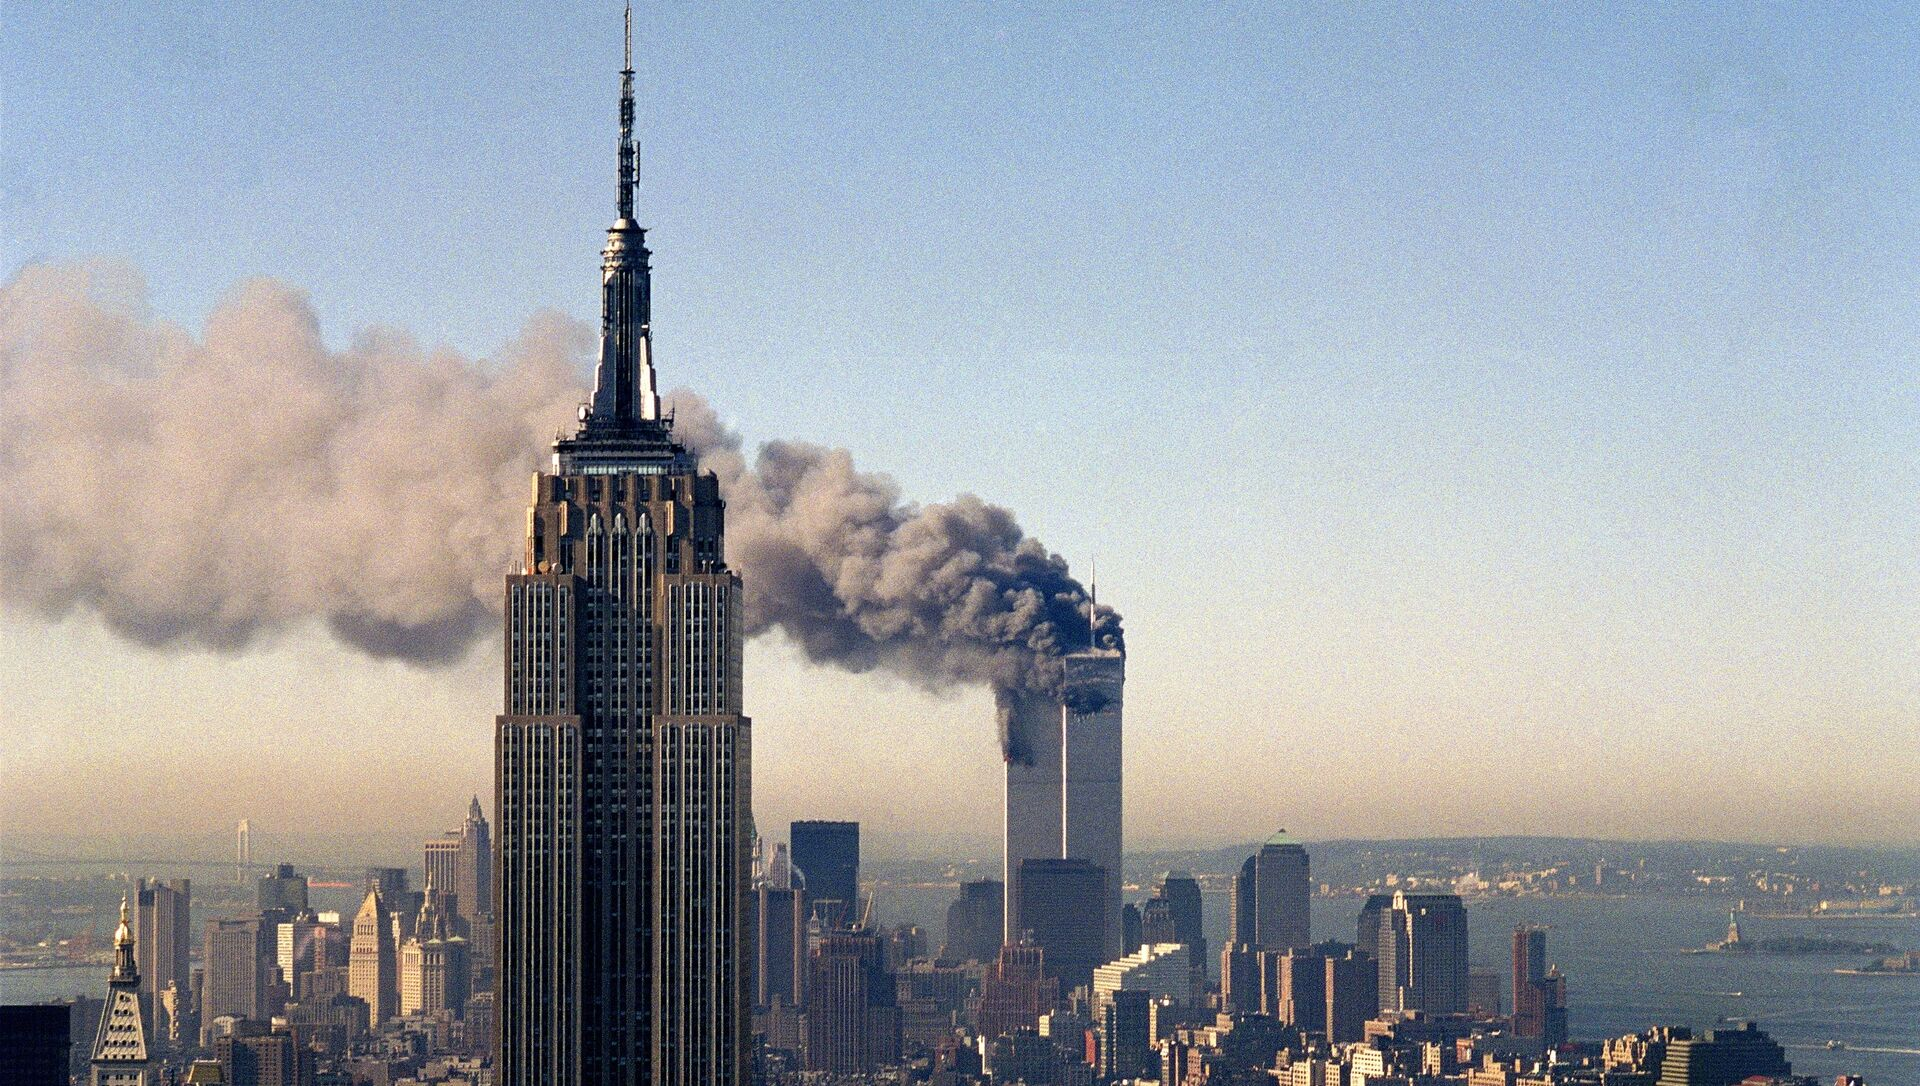 Les attentats du 11 septembre 2001 aux Etats-Unis - Sputnik France, 1920, 08.09.2021